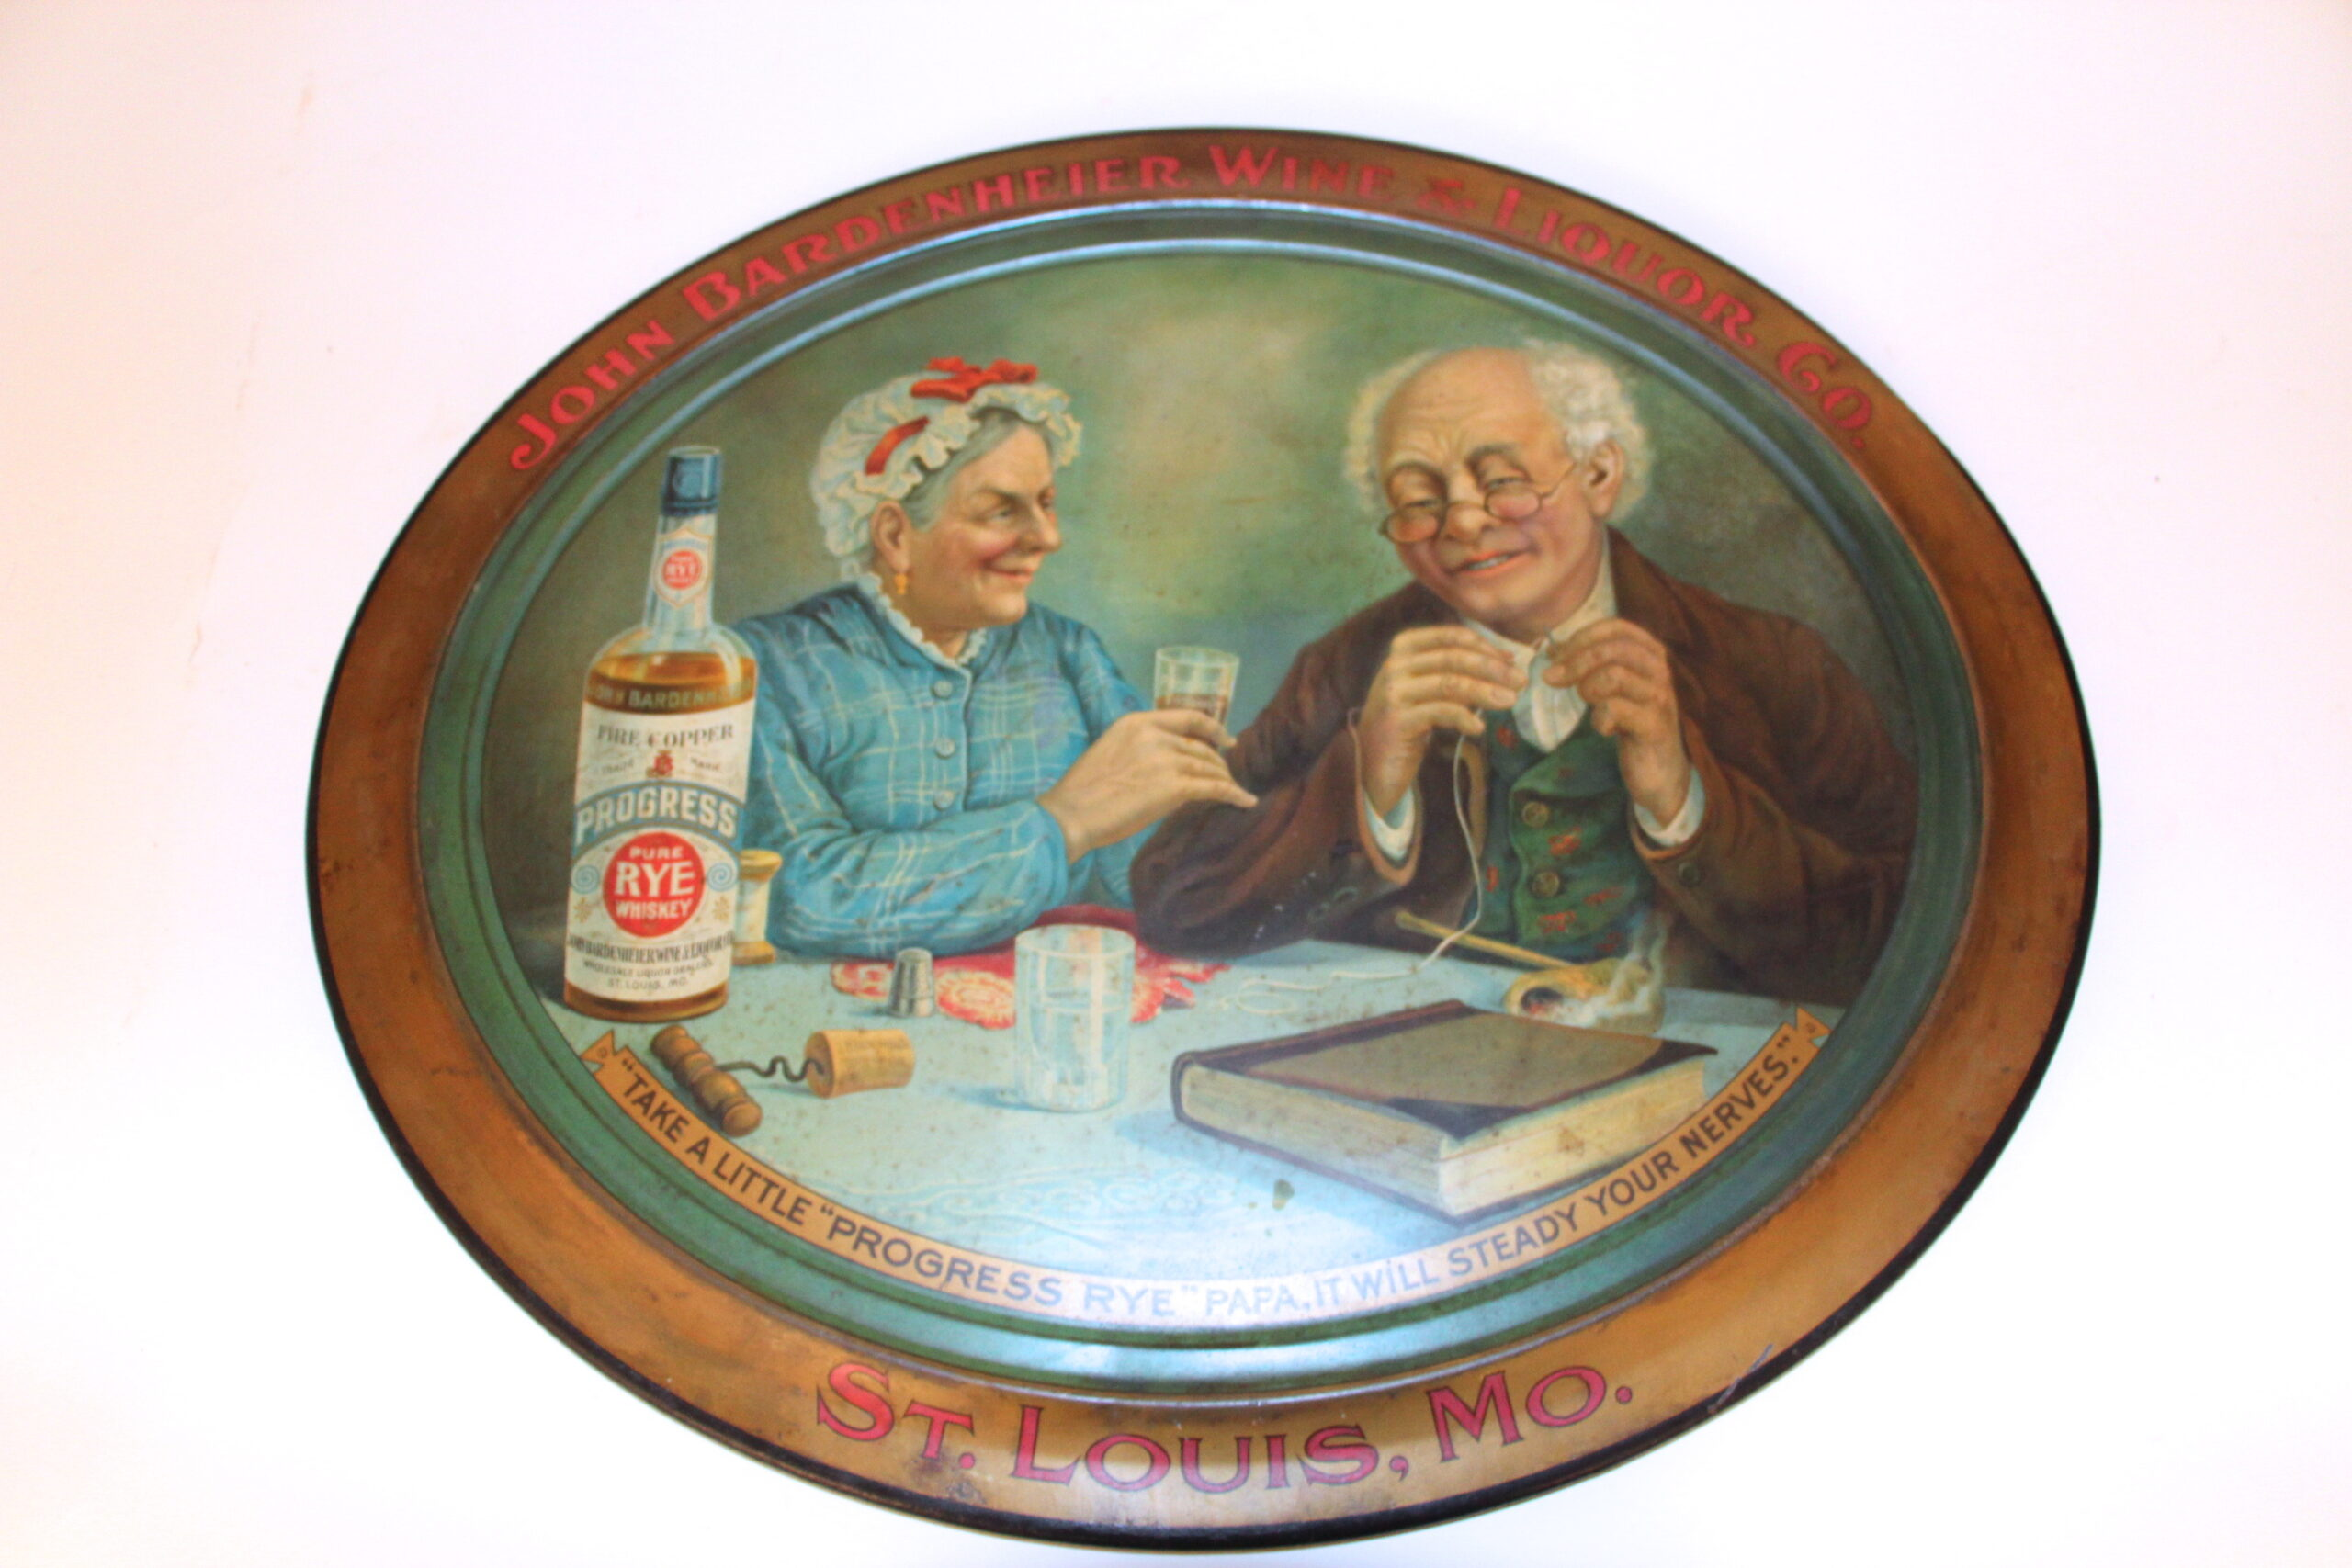 John Bardenheier Wine & Liquor Co. Self-Framed Sign